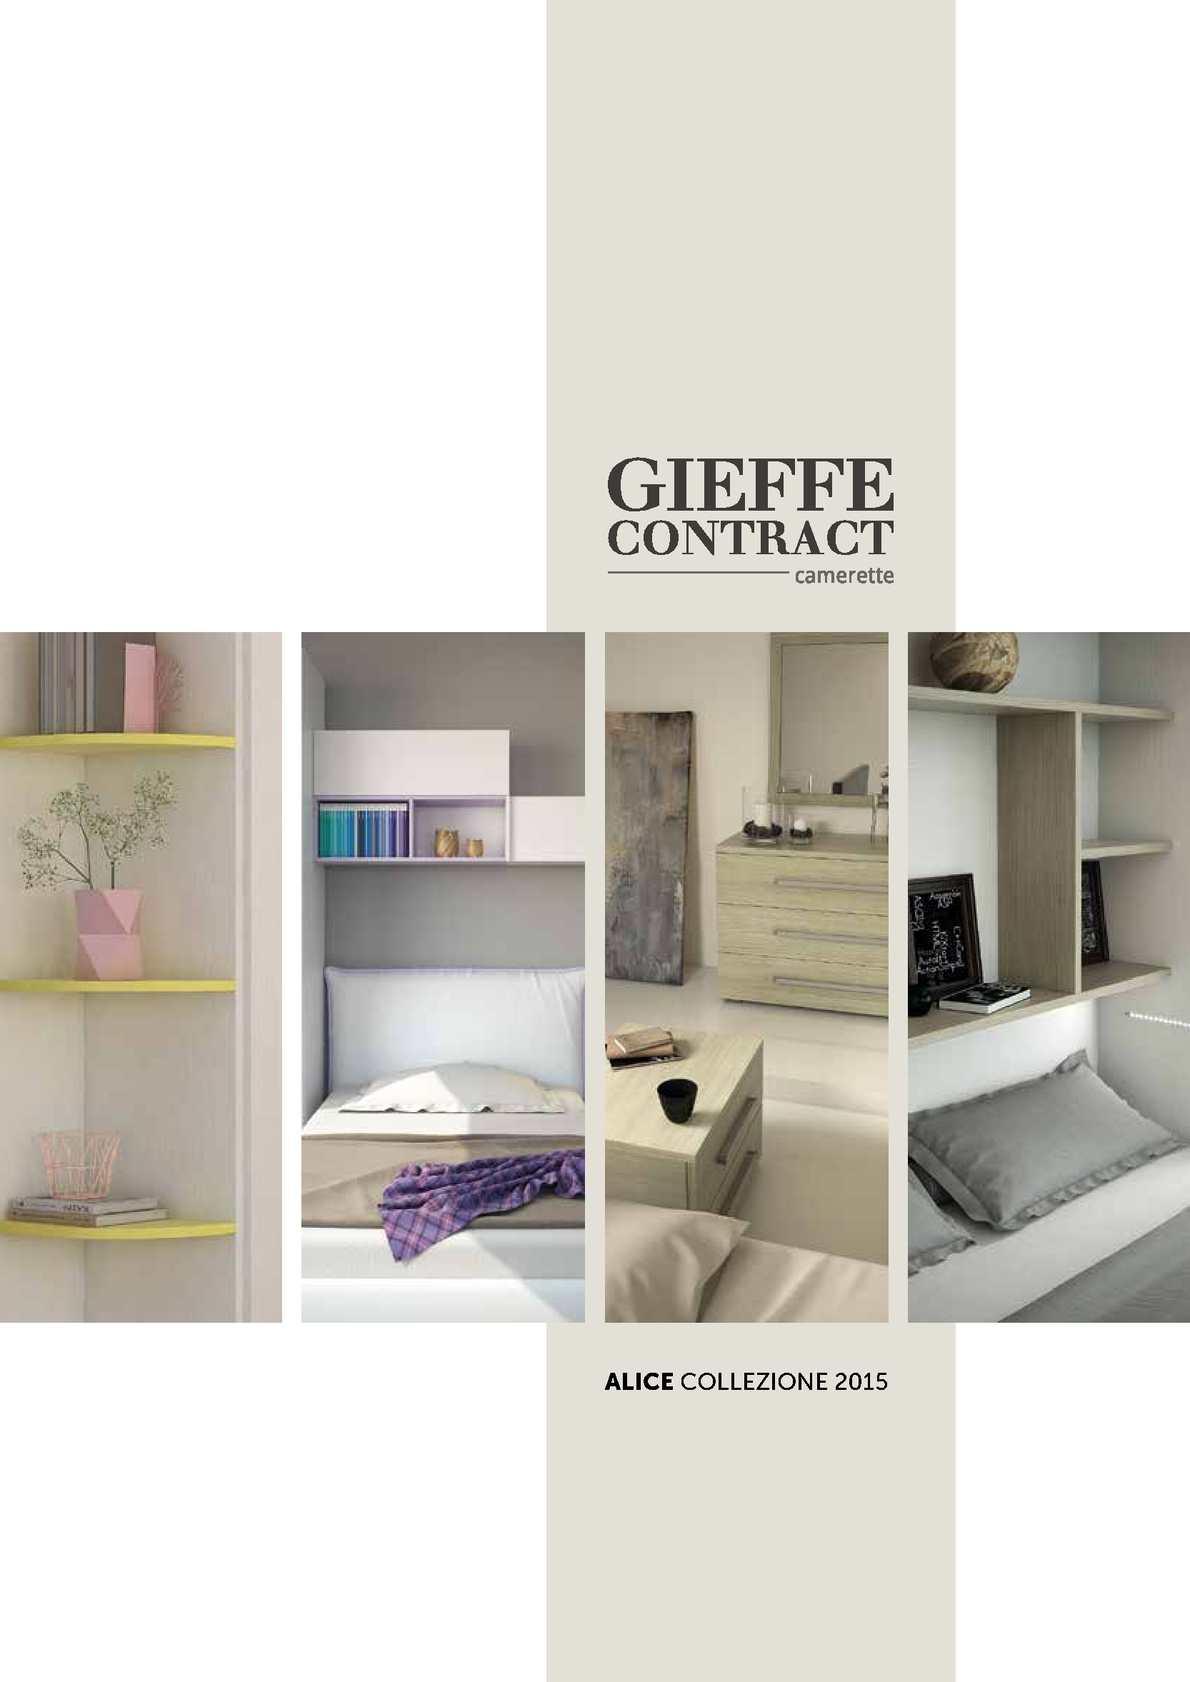 Gieffe Contract Camerette.Calameo Catalogo Gieffe 2015 Collezione Alice